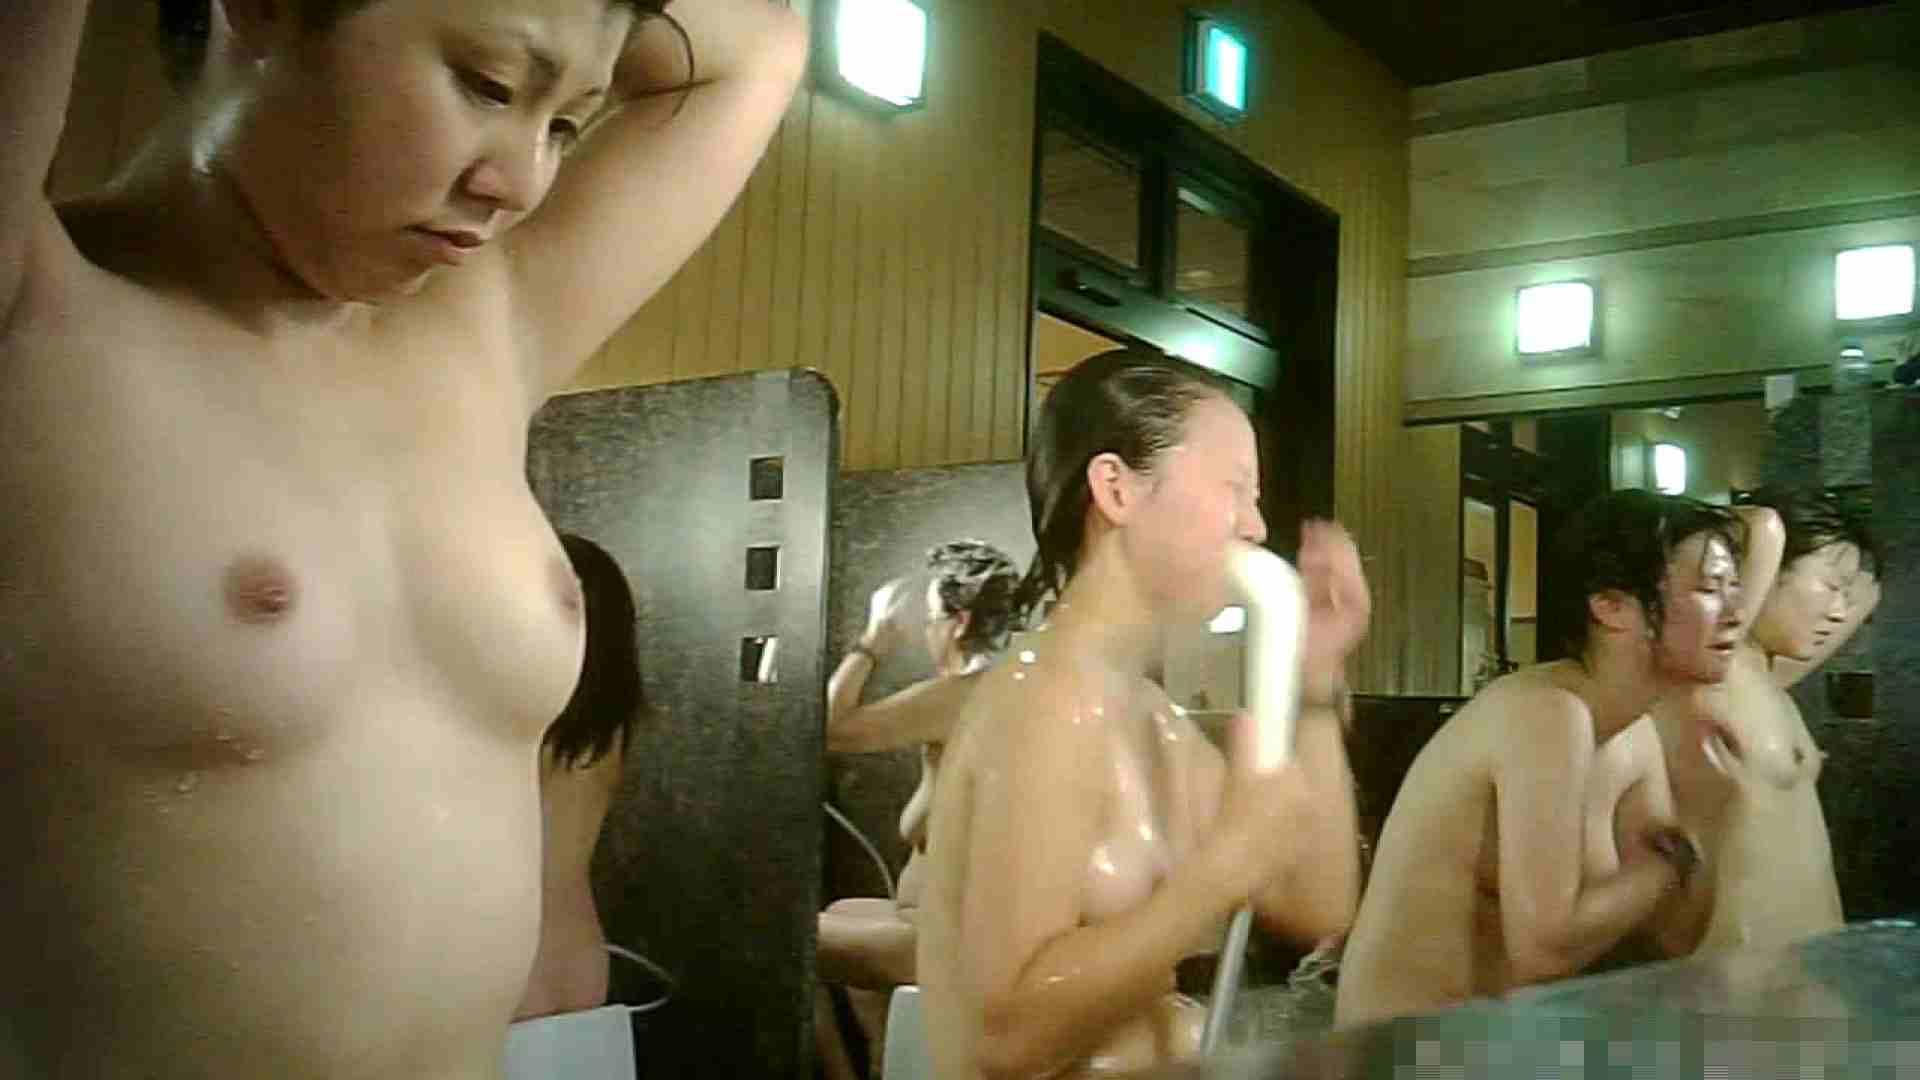 No.7 洗い場!!最近の嬢はオッパイ綺麗です。こちらも8個! 銭湯特撮 | エロくん潜入  85連発 79